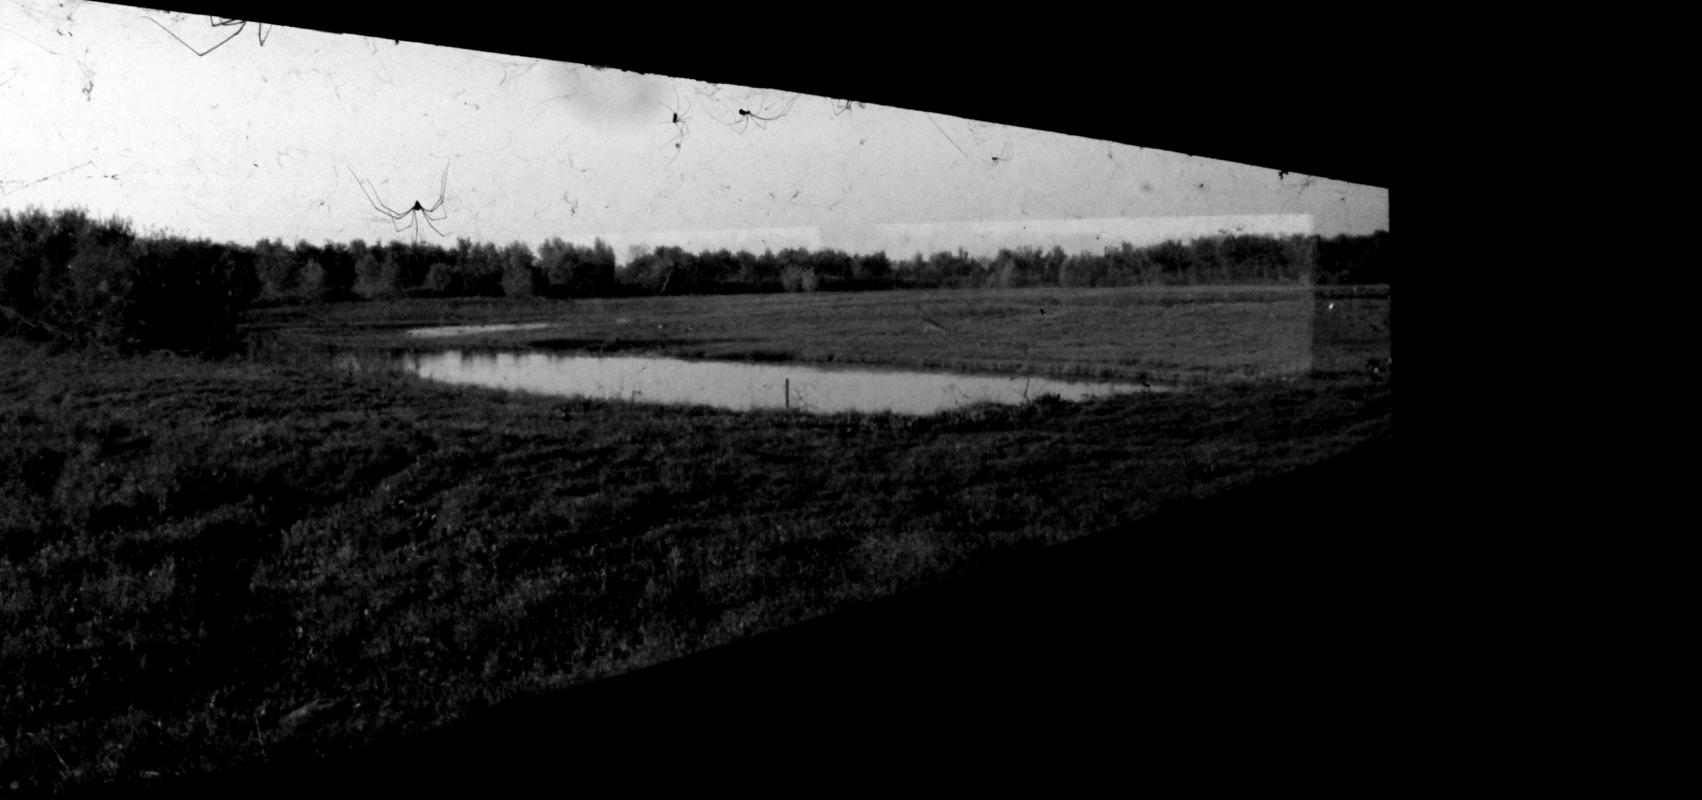 Oasi black and white - Chiara Guidetti 97 - Carpi (MO)